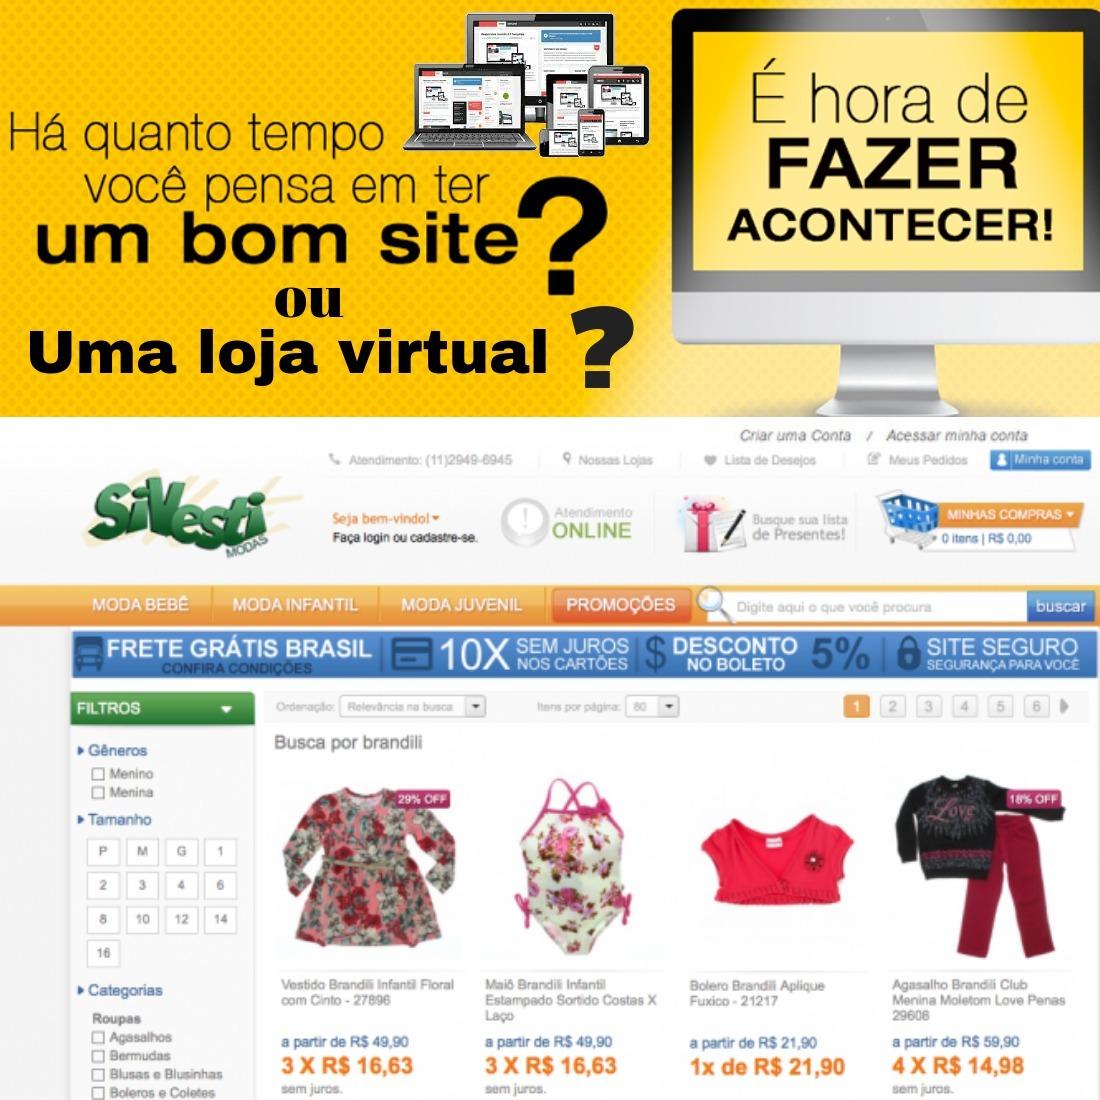 319a7e18c como vender pela internet - criar site de vendas online loja. Carregando  zoom.